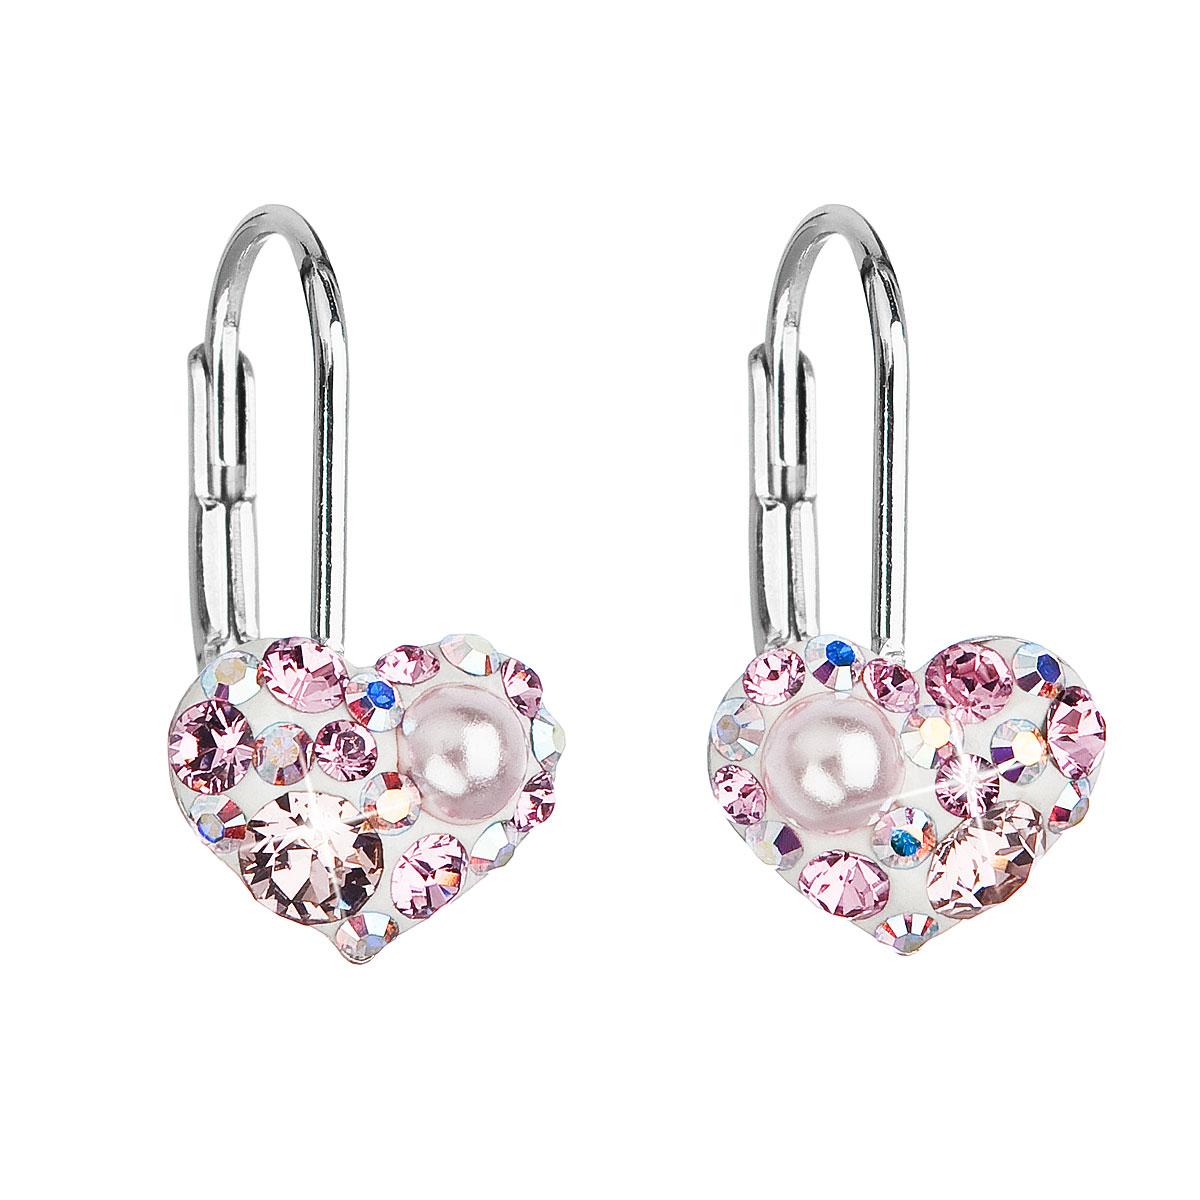 Evolution Group Stříbrné náušnice visací s krystaly Swarovski růžové srdce 31125.9